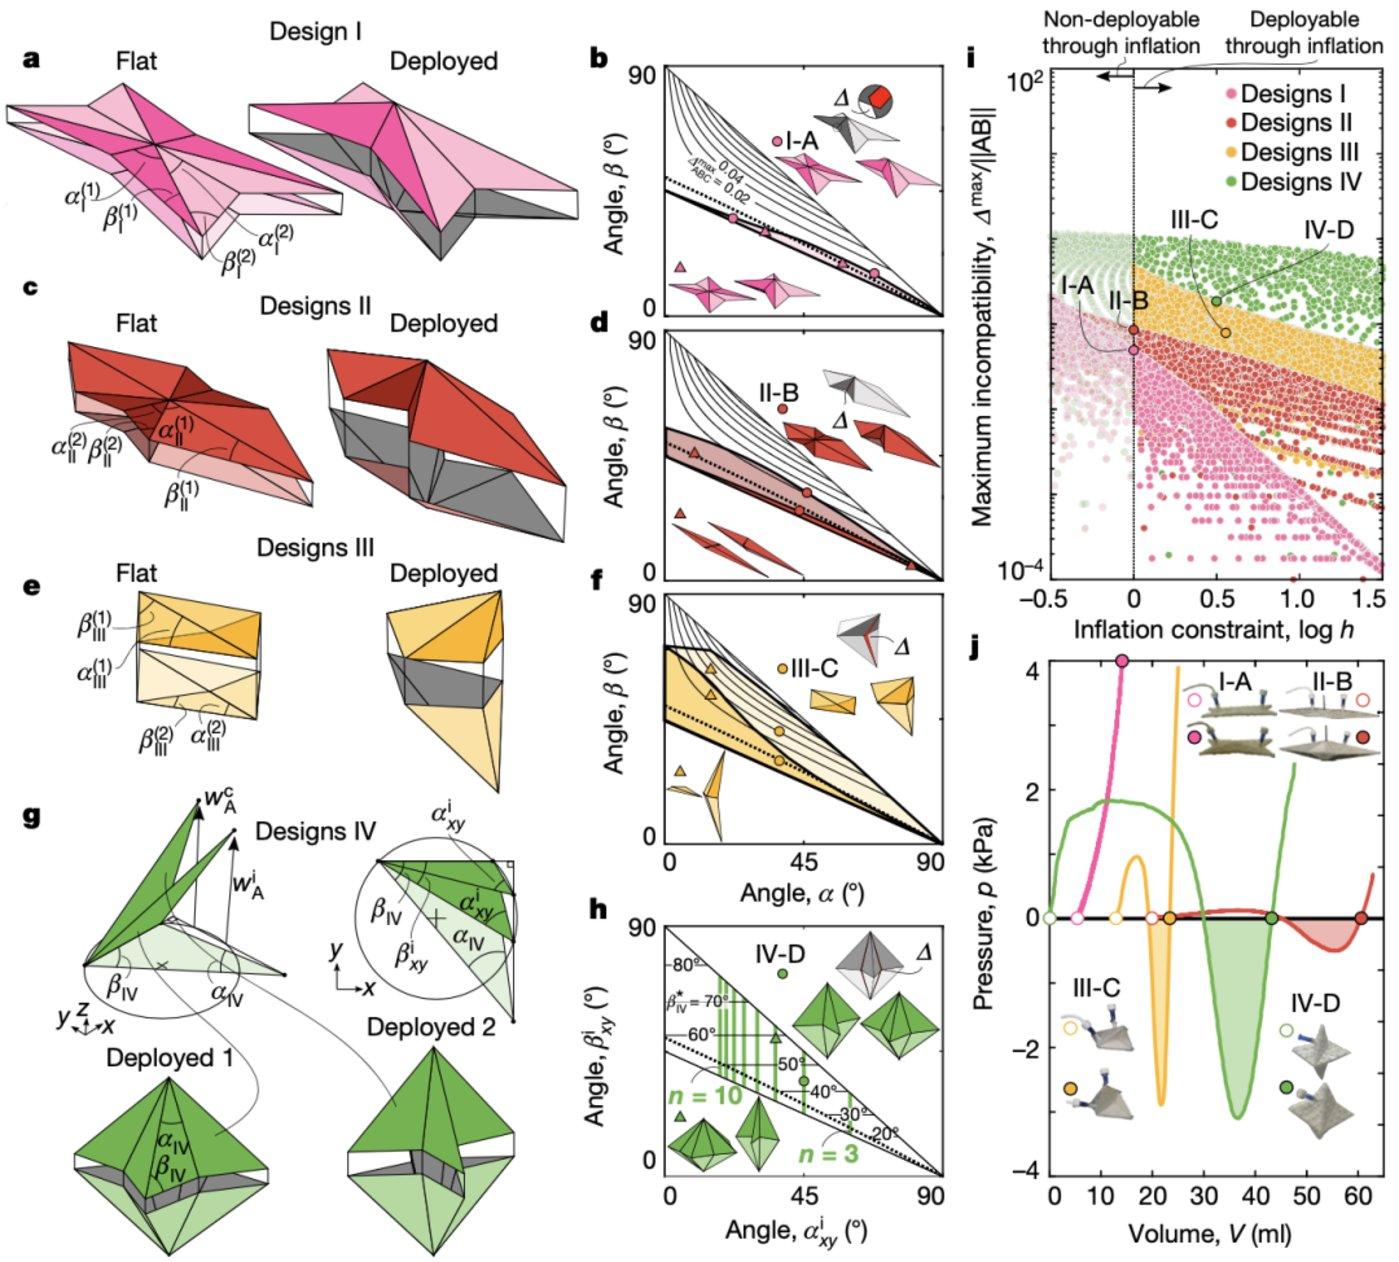 图 双稳态和充气折纸构造原理(来源:Nature)